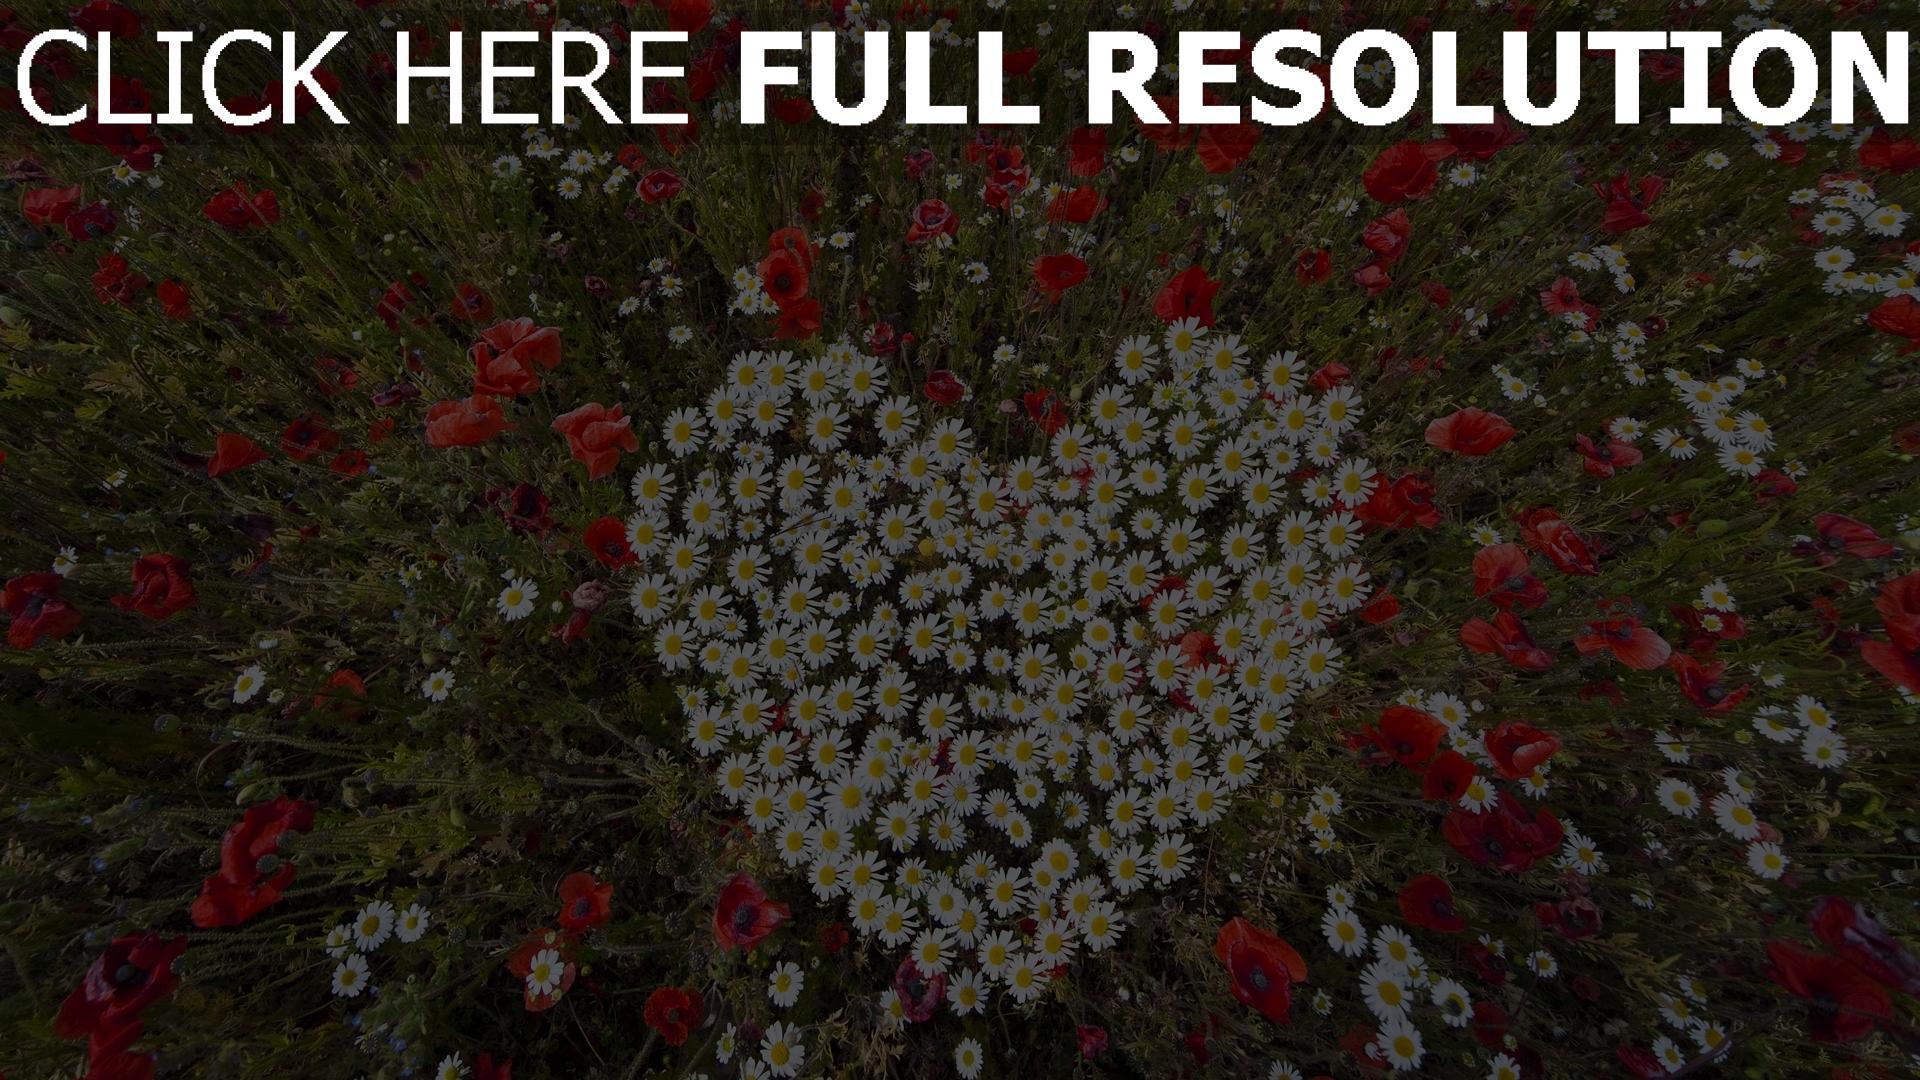 hd hintergrundbilder herzen gänseblümchen mohnblumen kräuter romantik 1920x1080